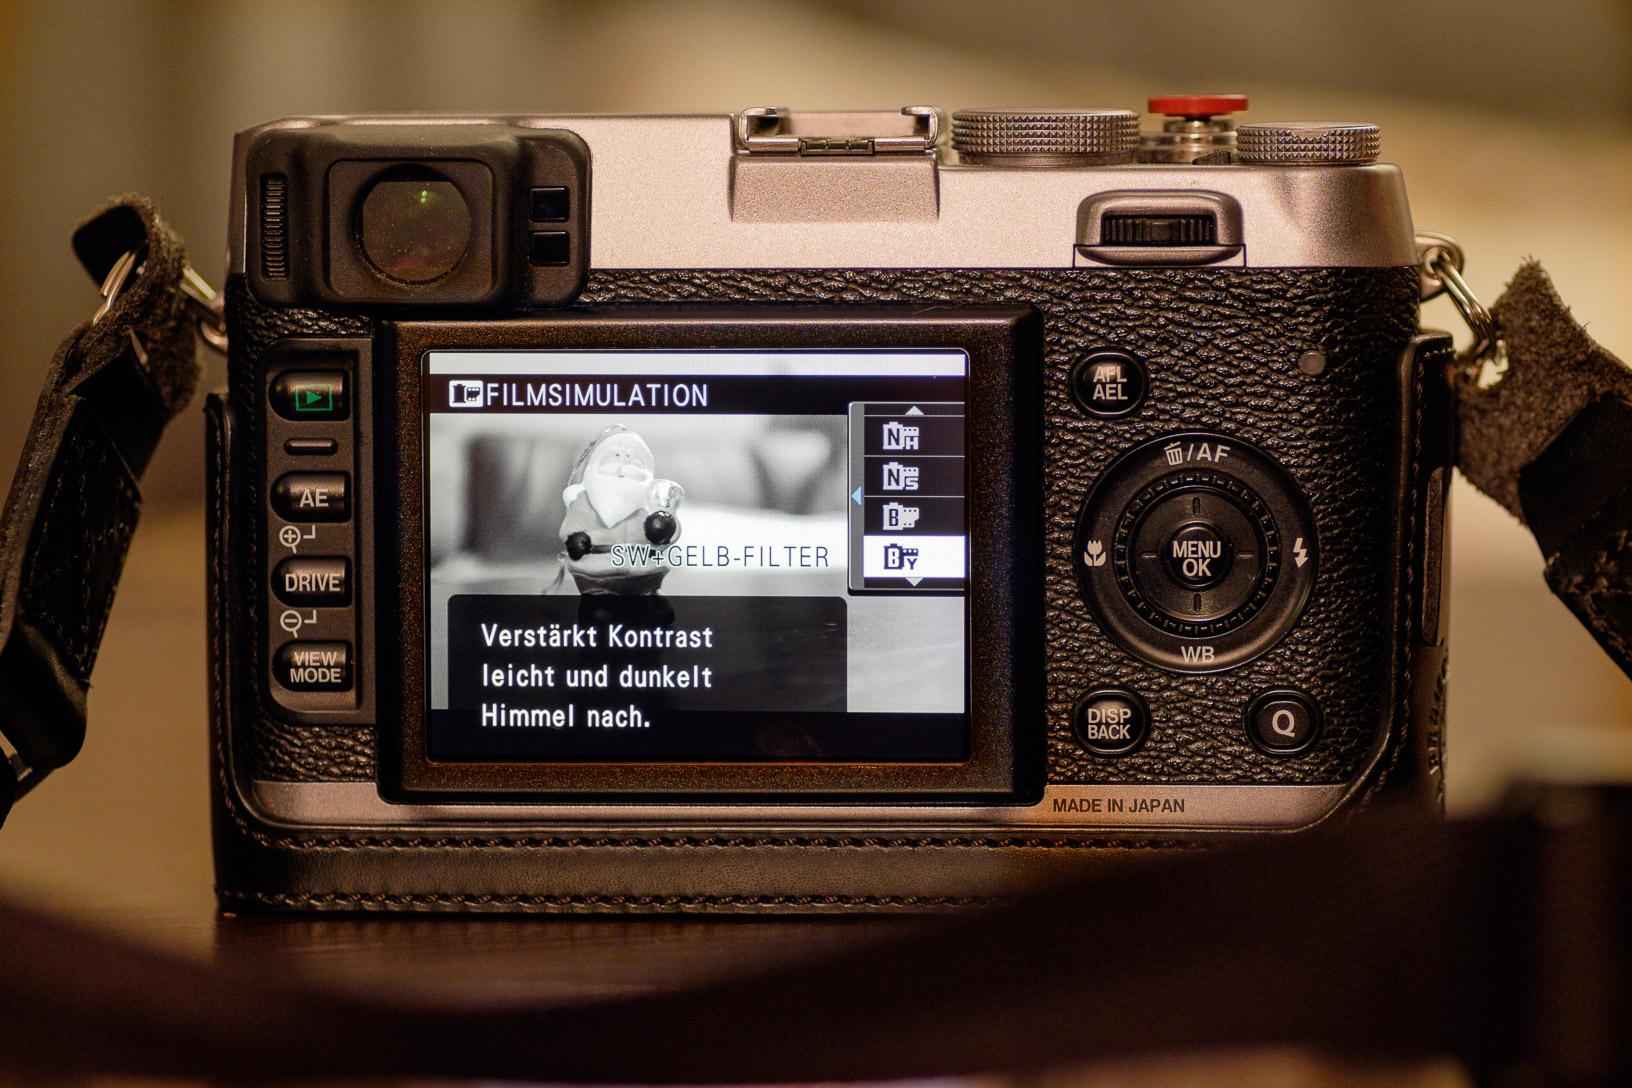 Schwarz-Weiß-Filmsimulation bei einer meiner Kameras